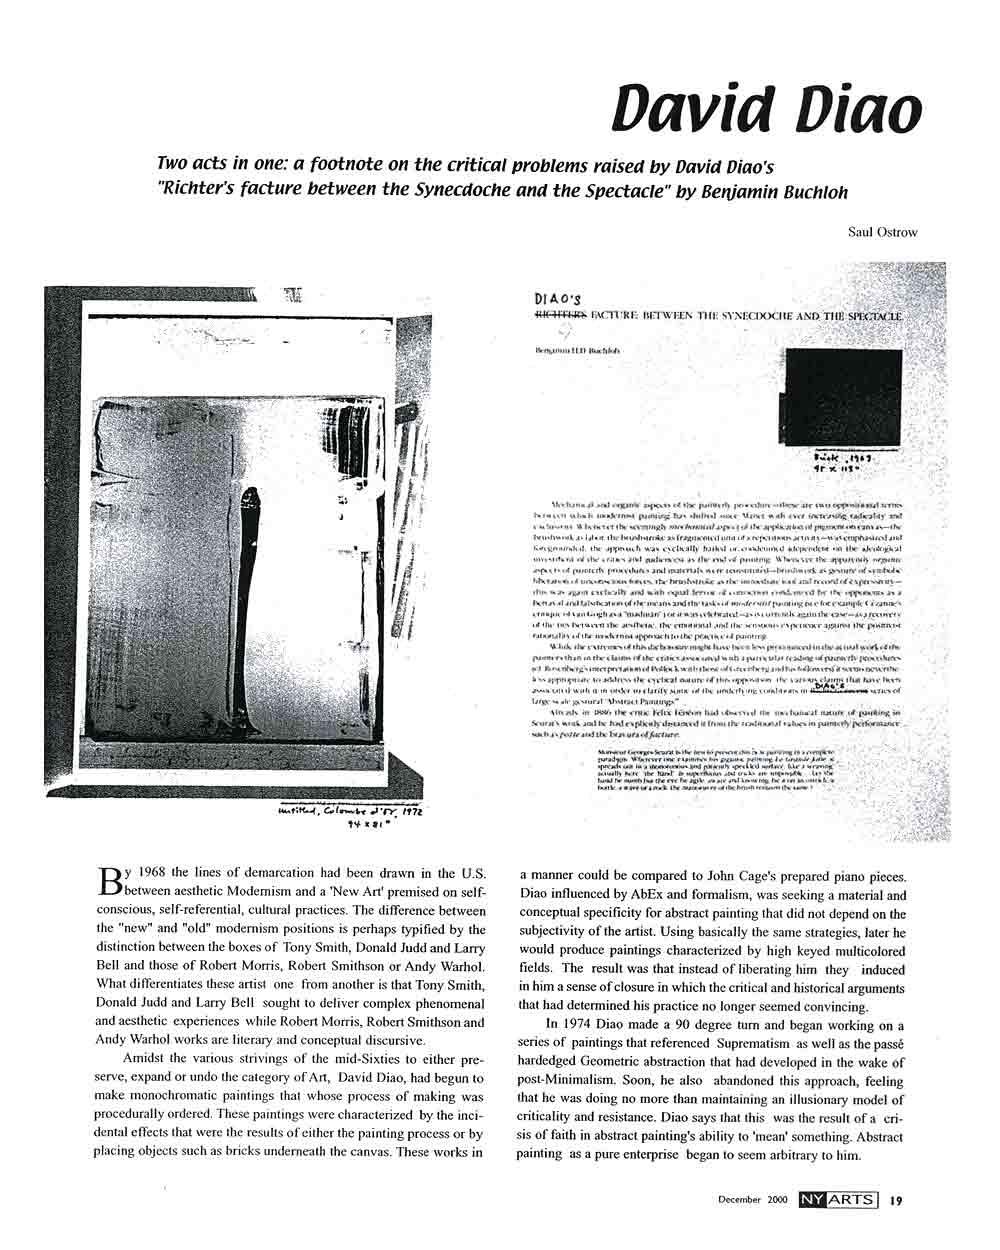 David Diao, article, pg 1